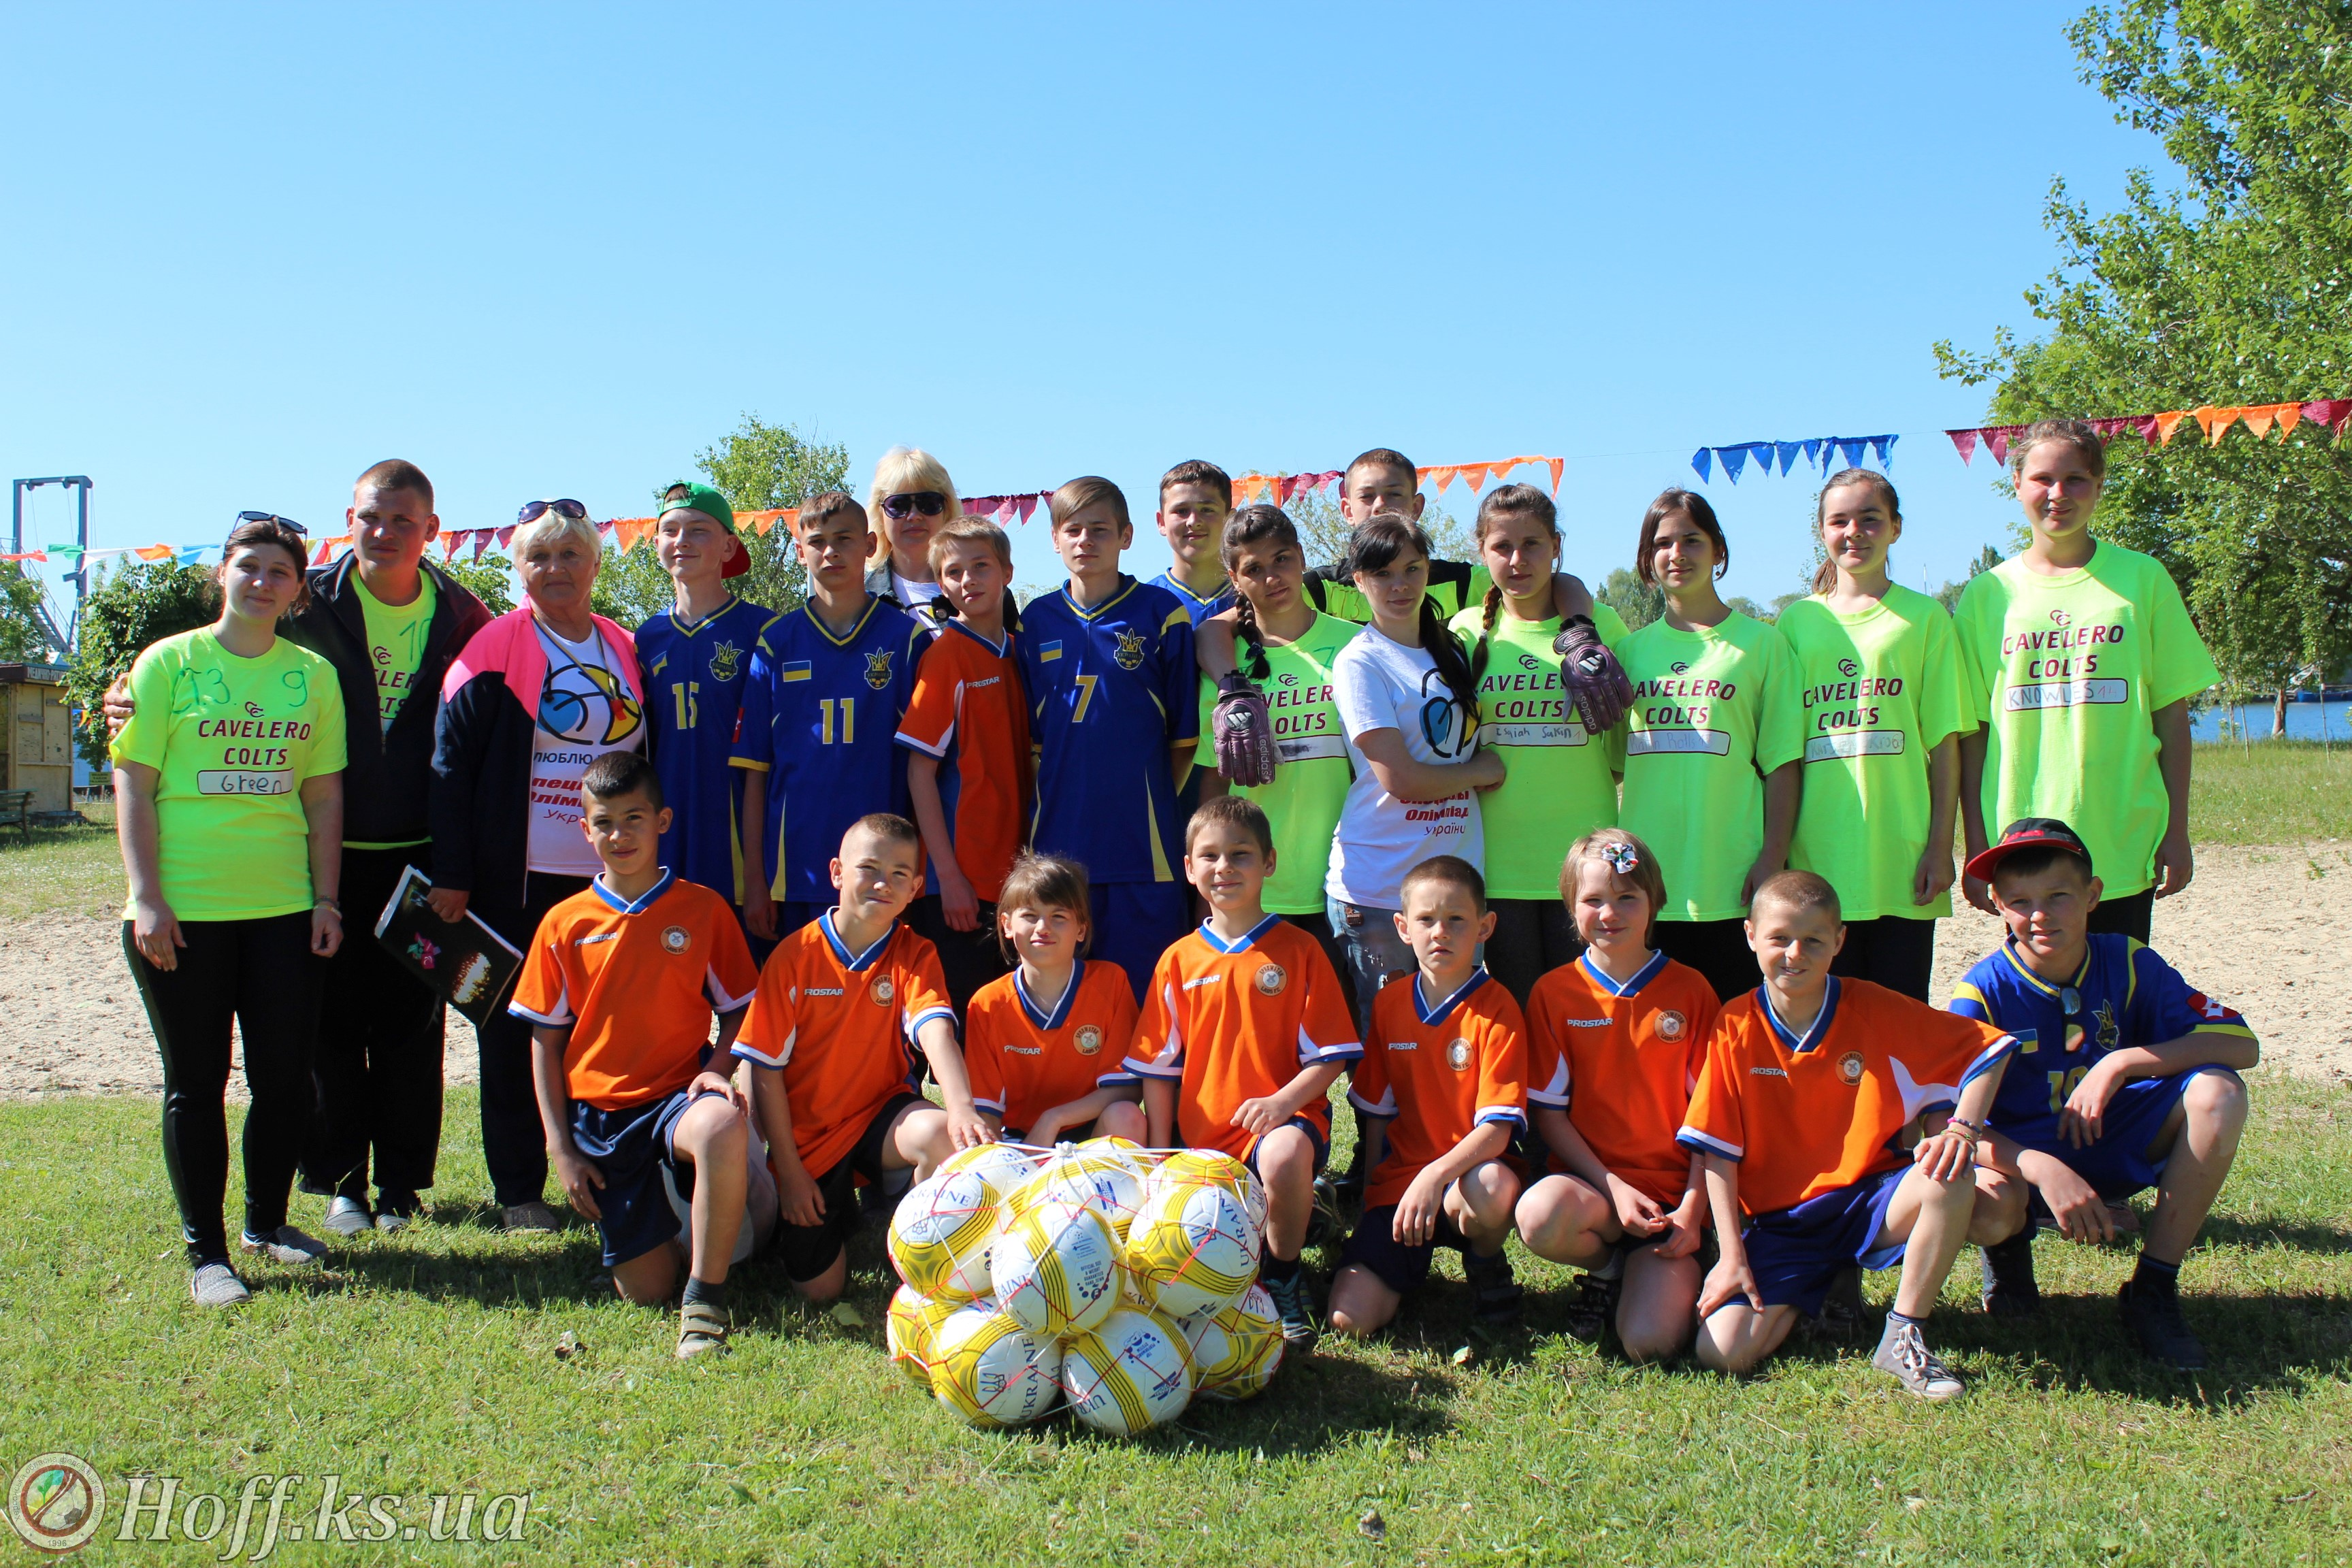 Чемпіонат Херсонської області з футболу серед спортсменів з обмеженими можливостями. Відеосюжет телеканалу «Скіфія»